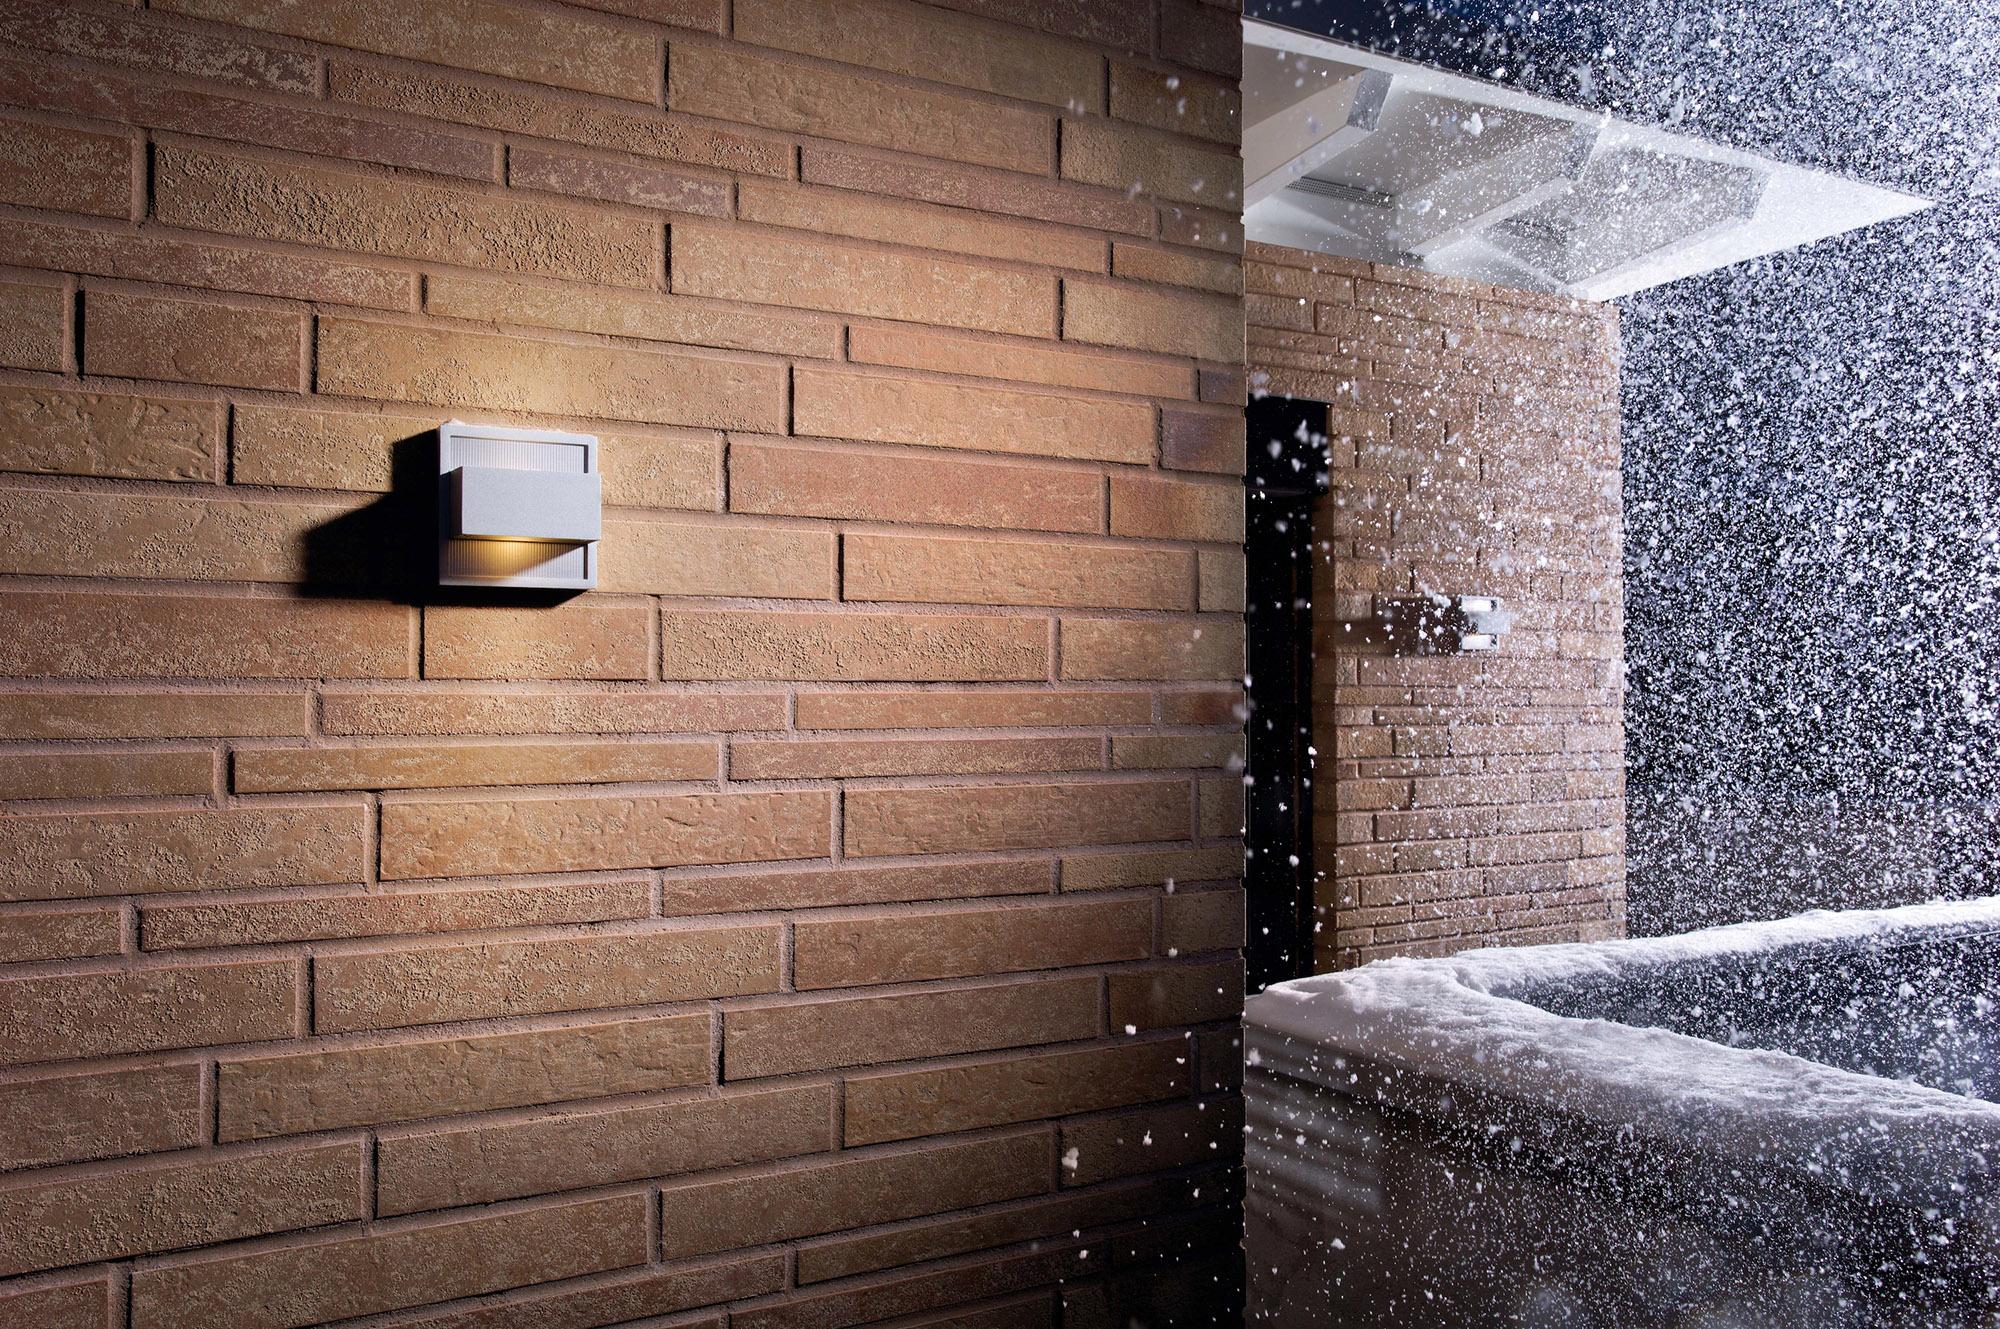 Коричневая клинкерная плитка в отделке фасада дома